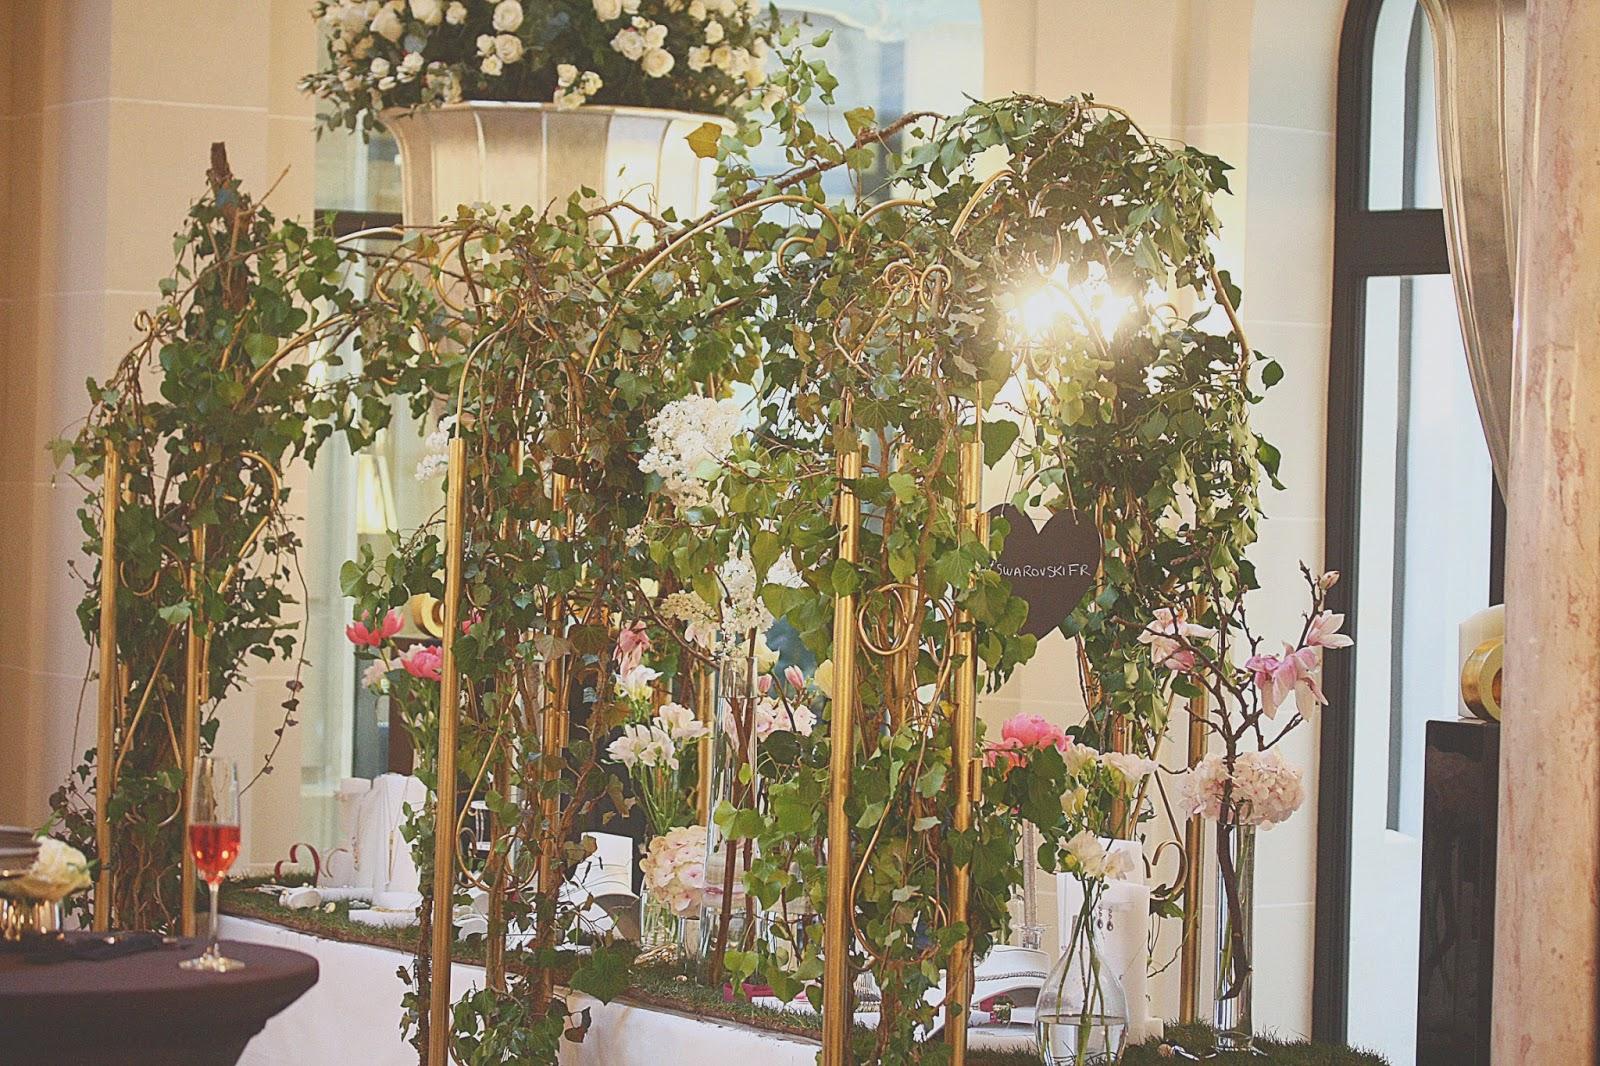 http://www.rosemademoiselle.com/2015/04/swarovski-wedding-event.html